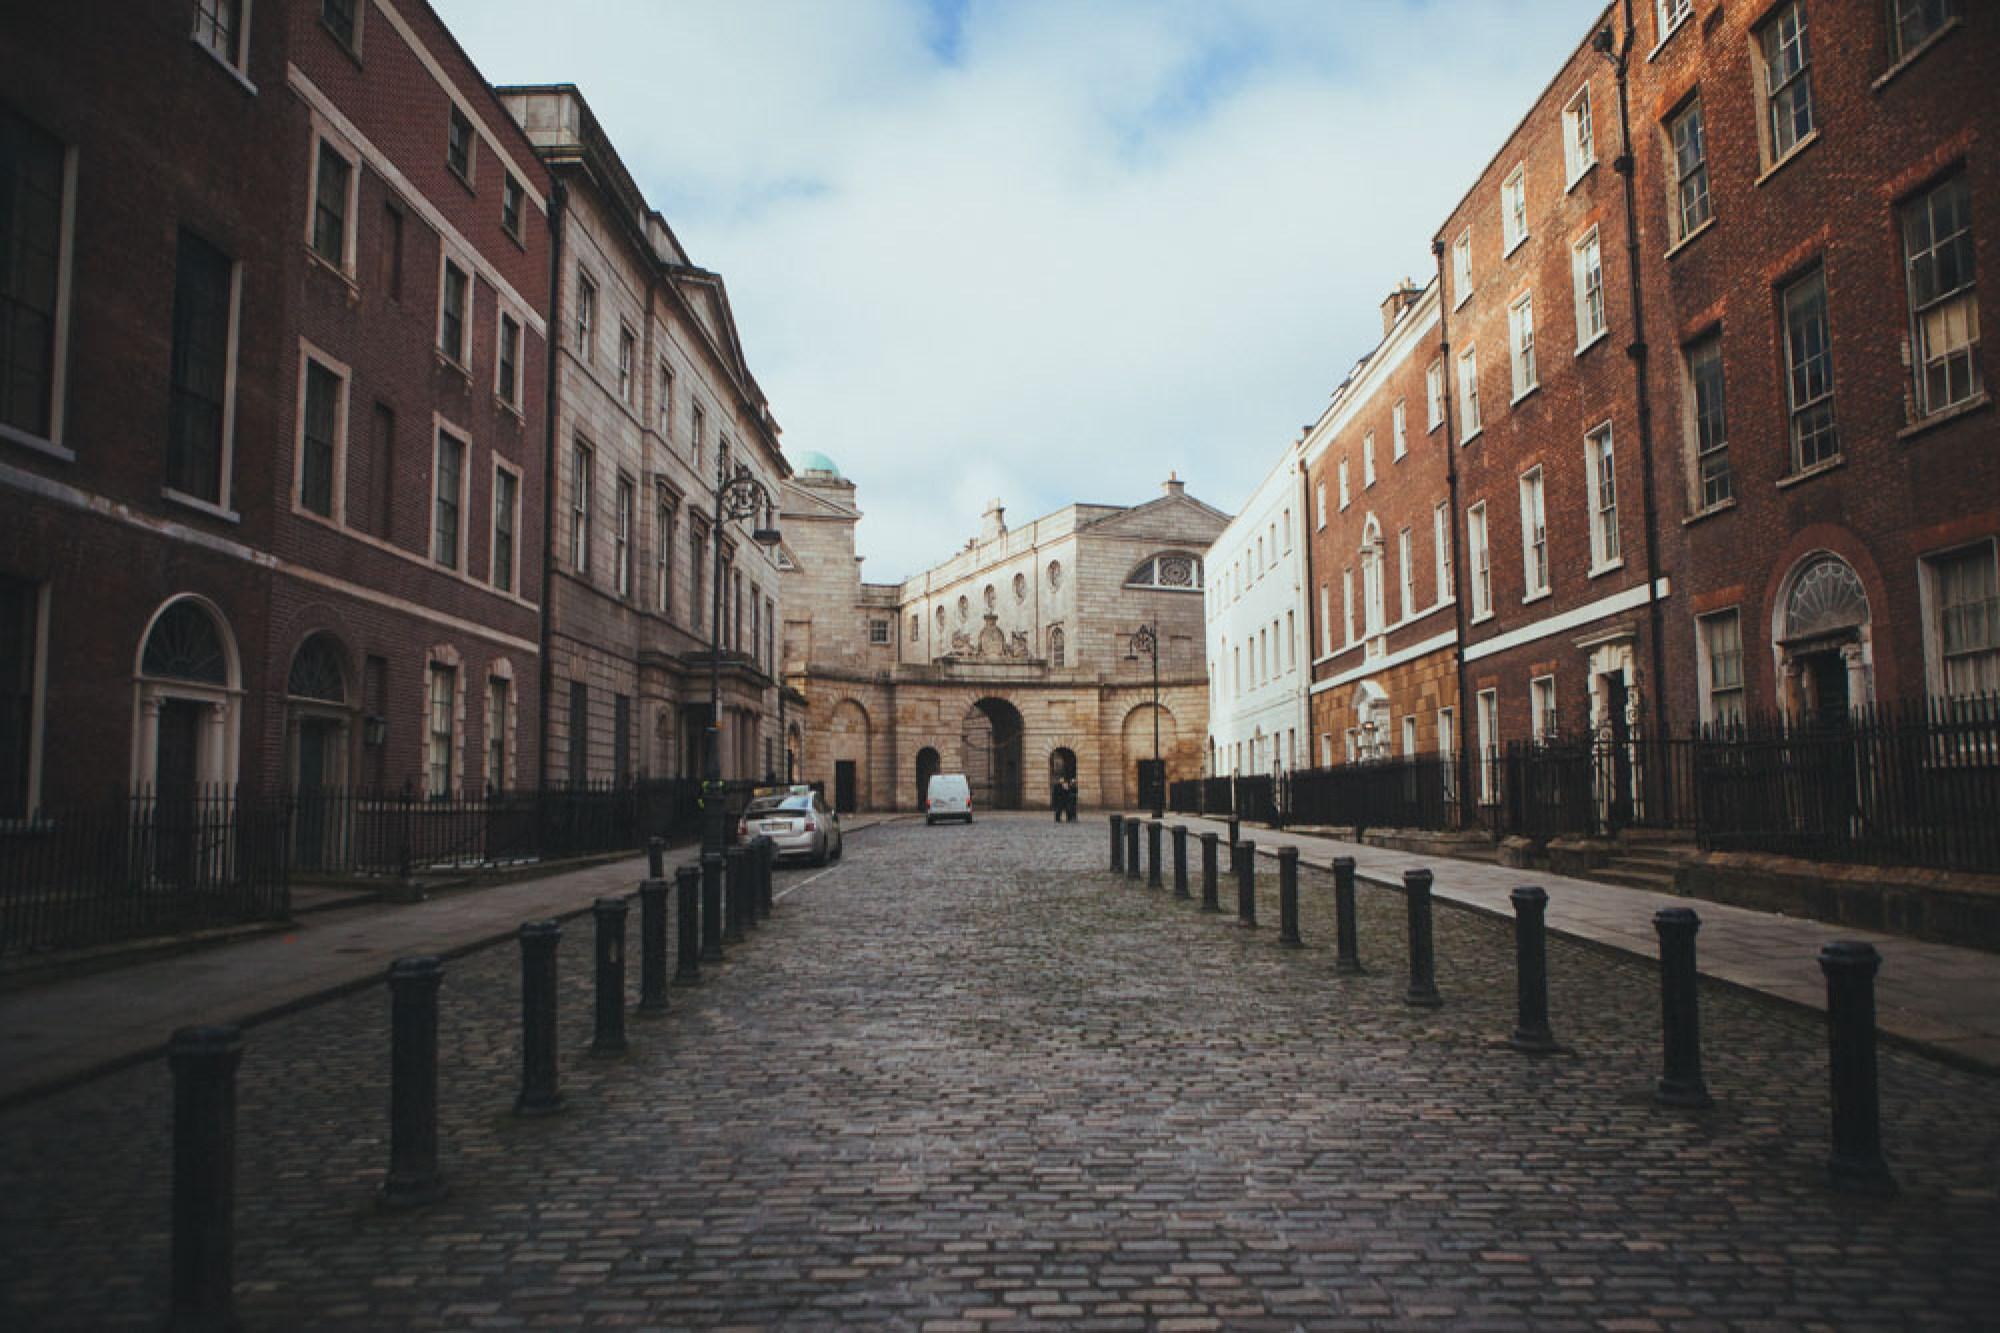 Henrietta Street, Dublin